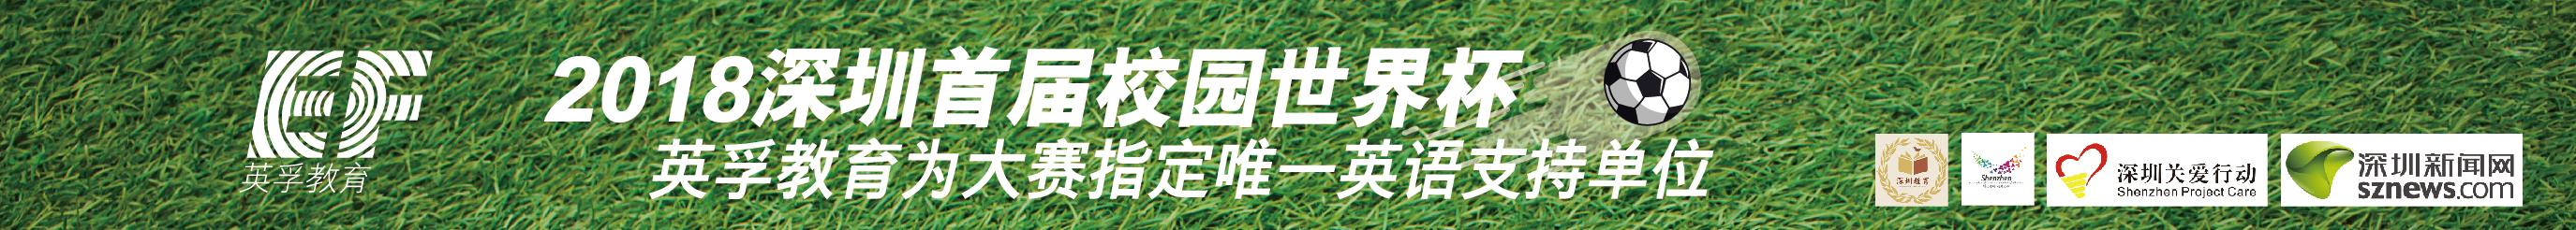 同胜学校足球队:人人踢足球 人人爱足球